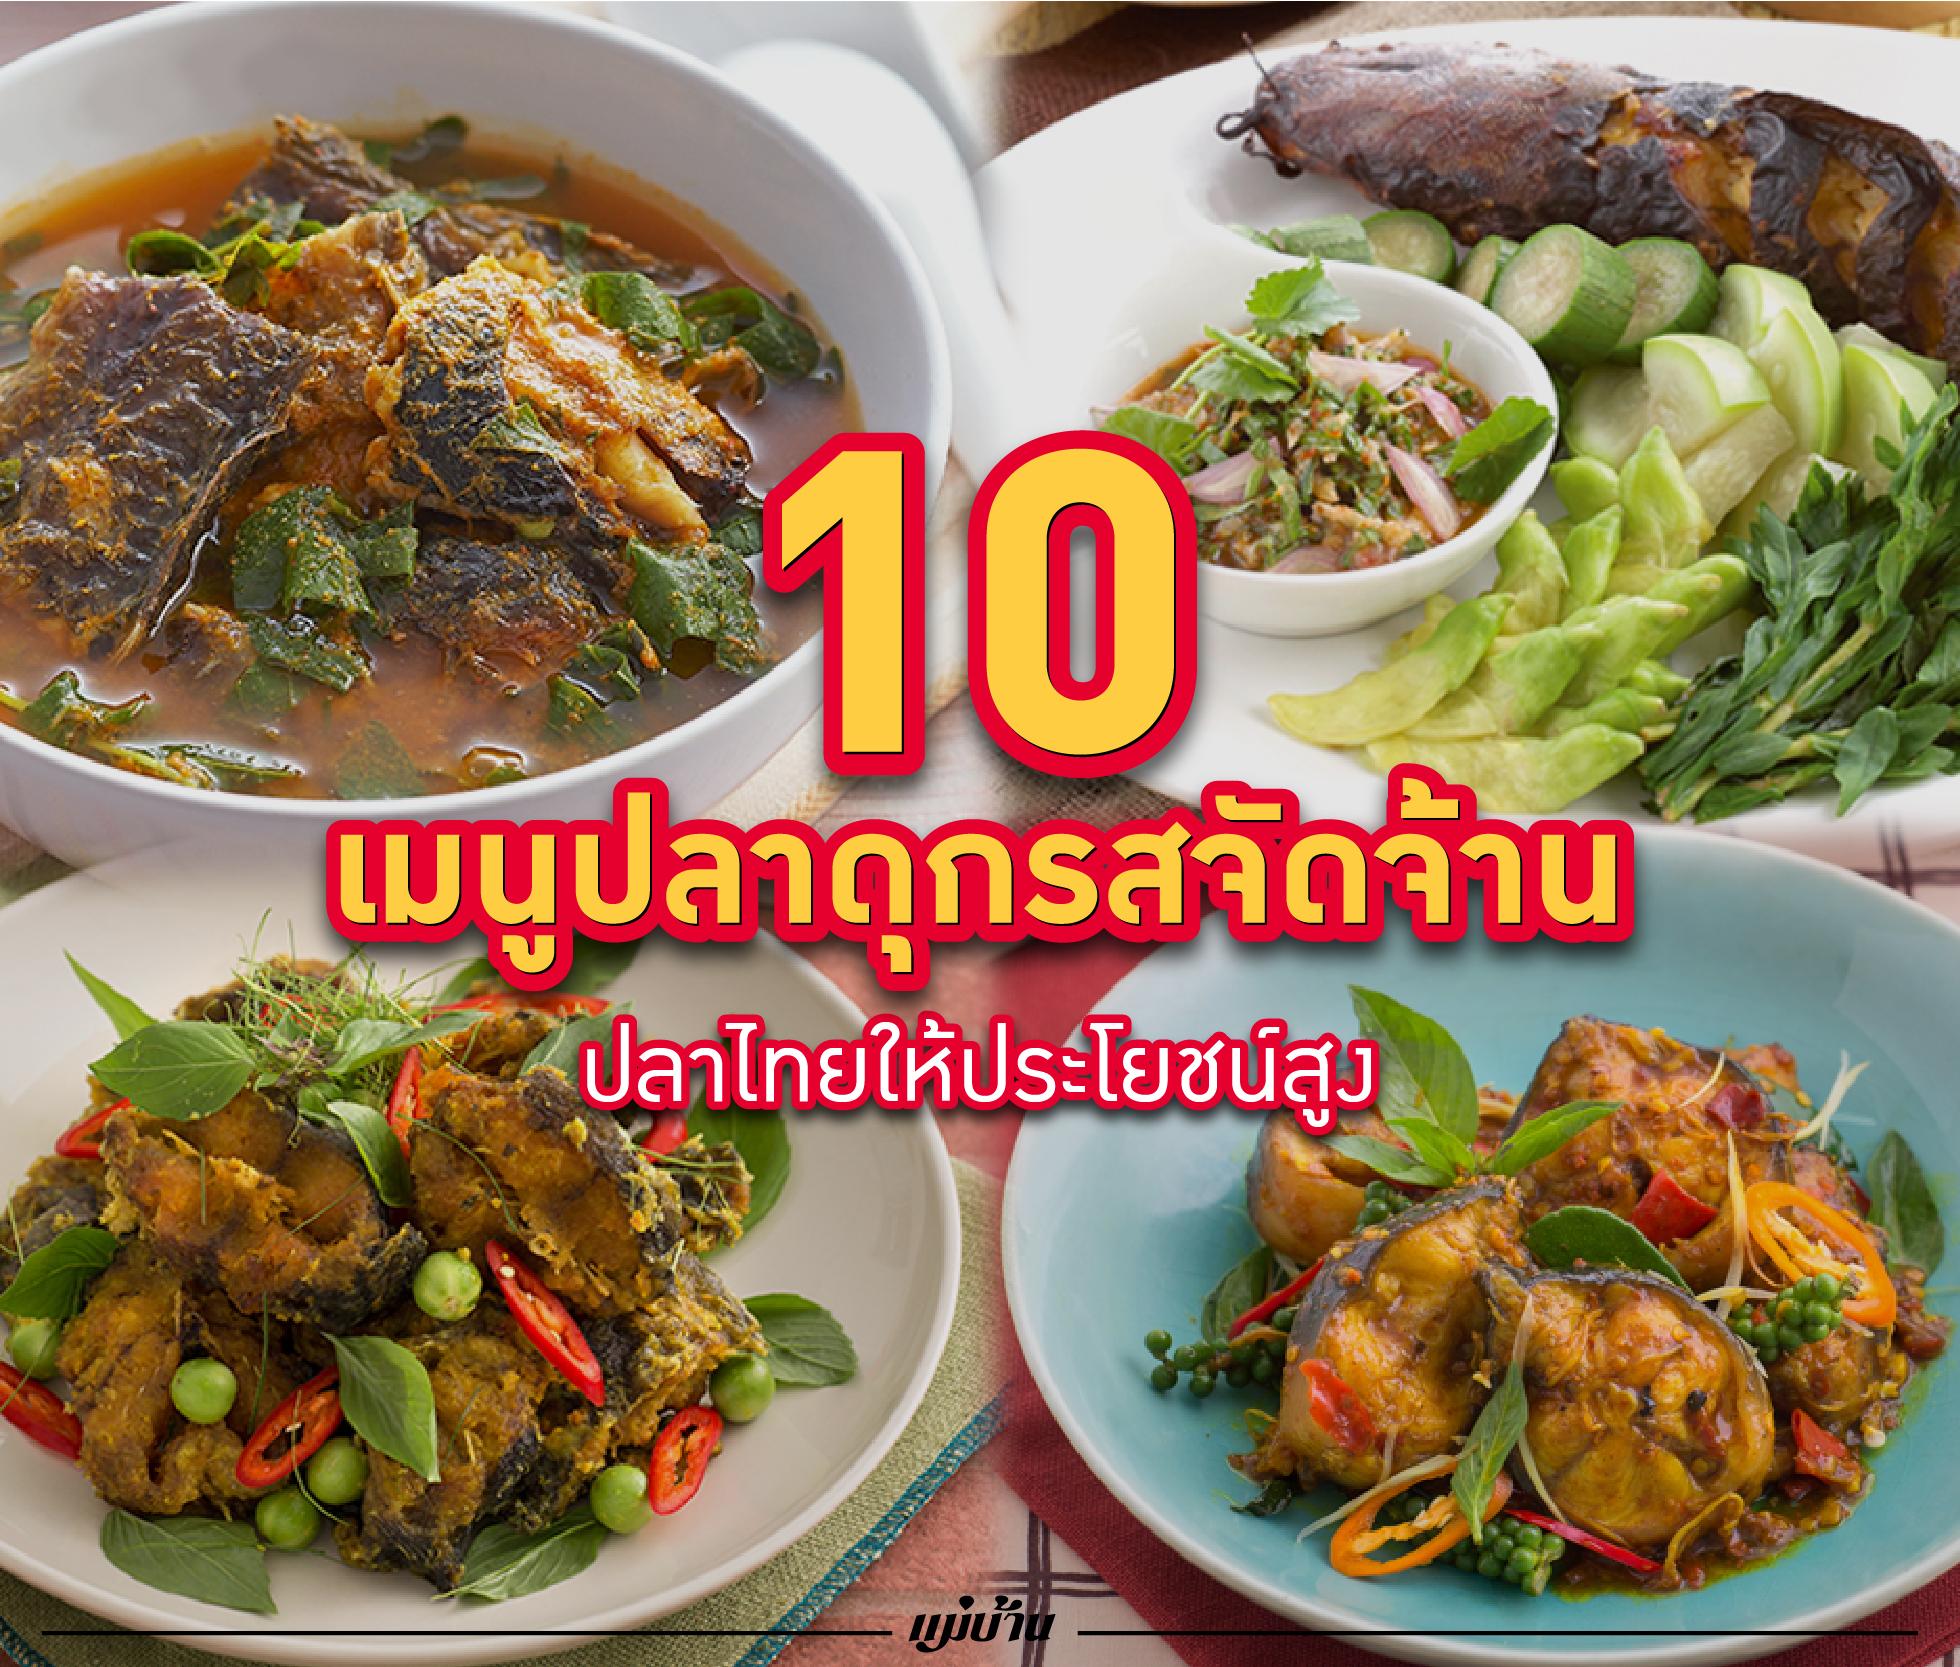 10 เมนูปลาดุกรสจัดจ้าน ปลาไทยให้ประโยชน์สูง สำนักพิมพ์แม่บ้าน